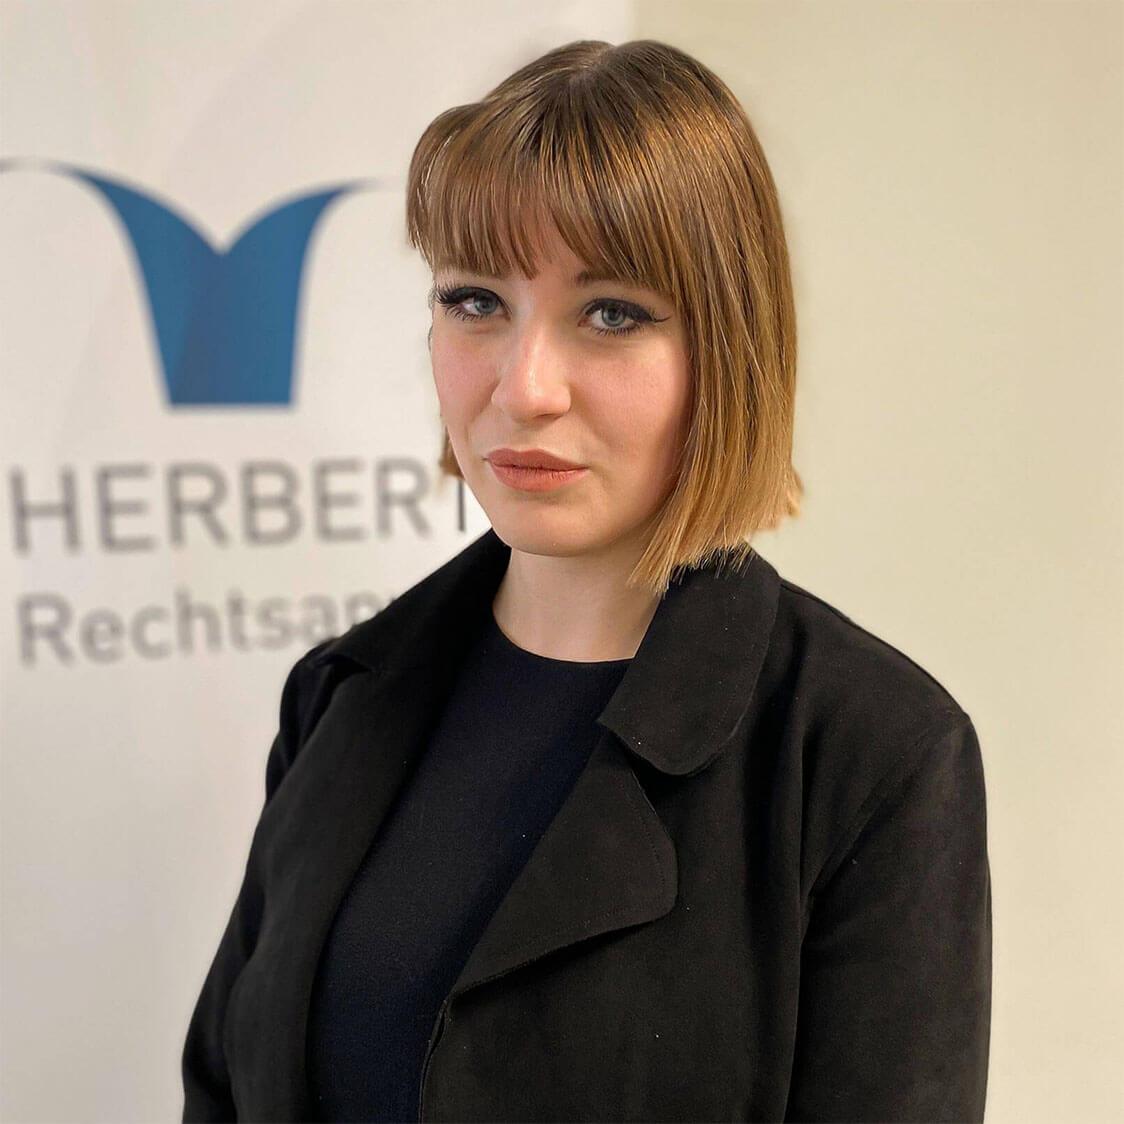 Lea Breyer - Rechtsanwaltsfachangestellte - Herbert Rechtsanwälte Saarbrücken